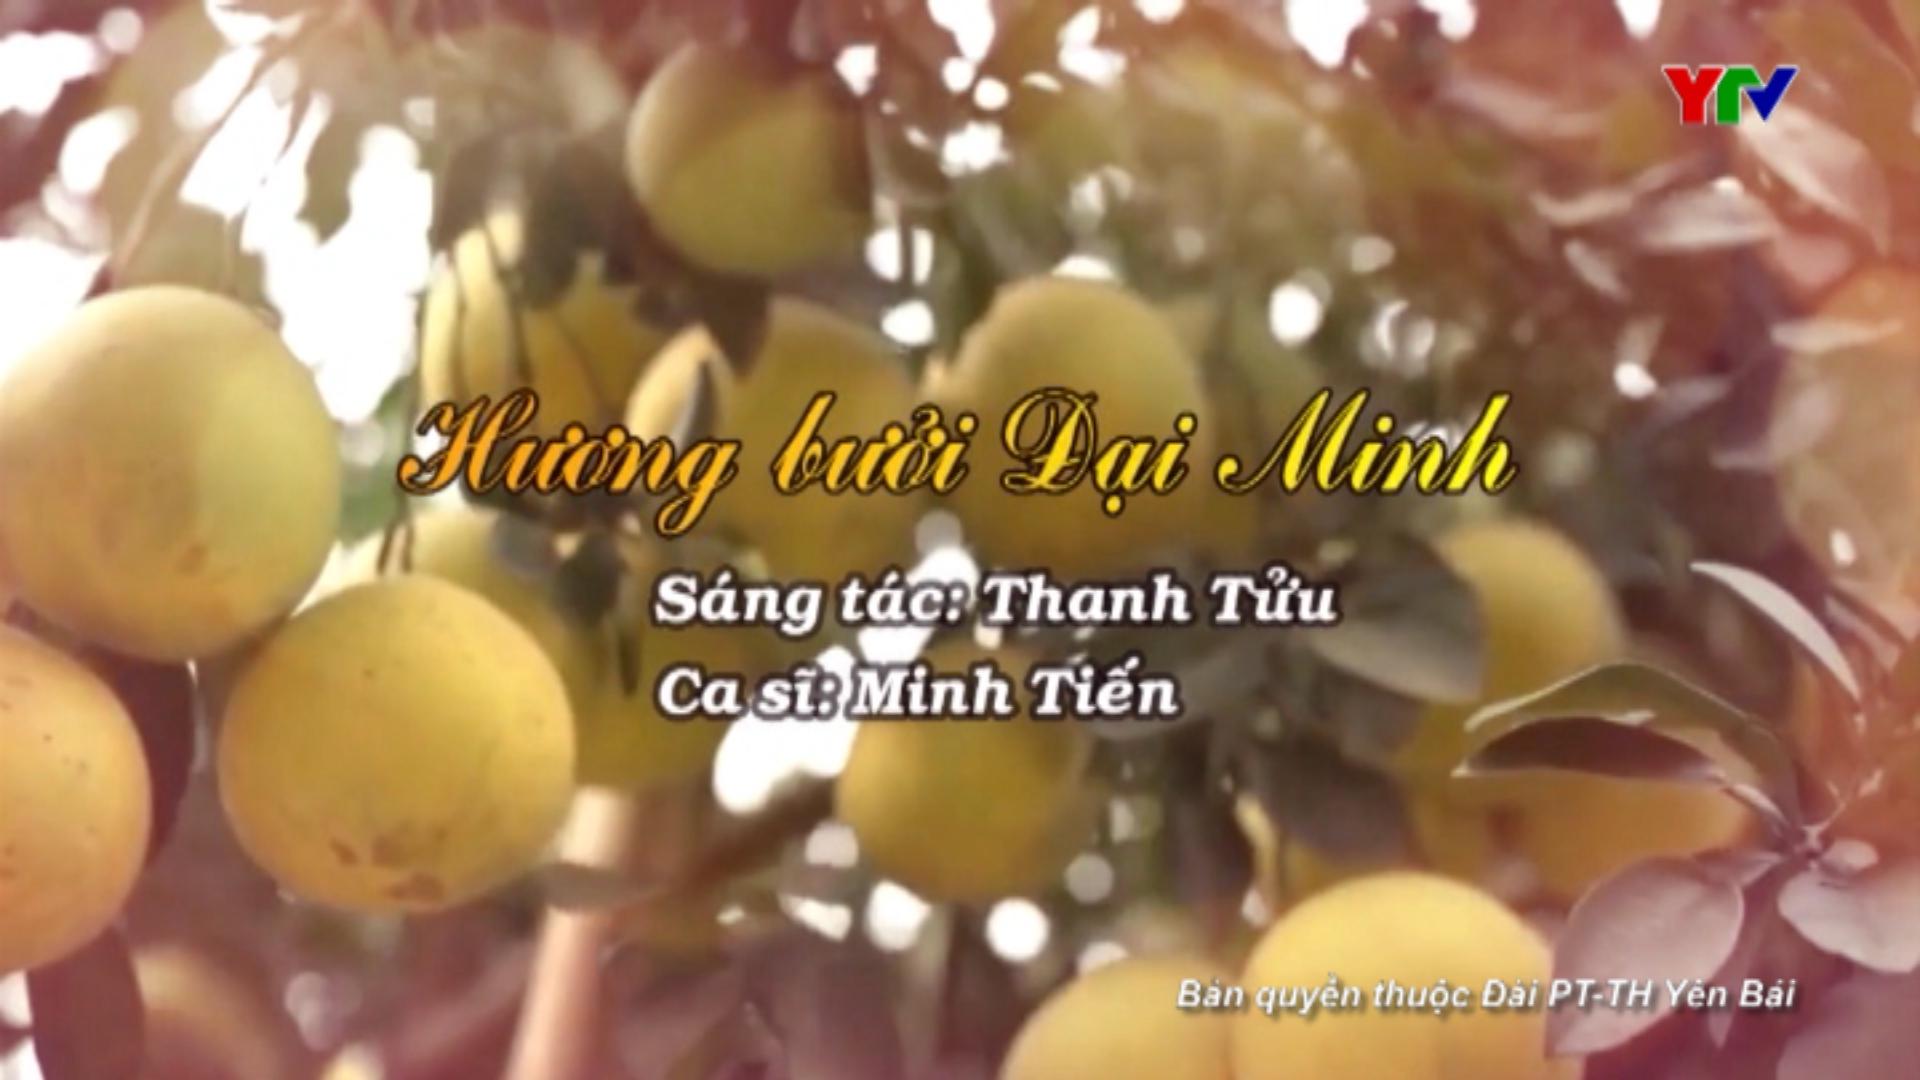 """Giới thiệu ca khúc """"Hương Bưởi Đại Minh"""""""